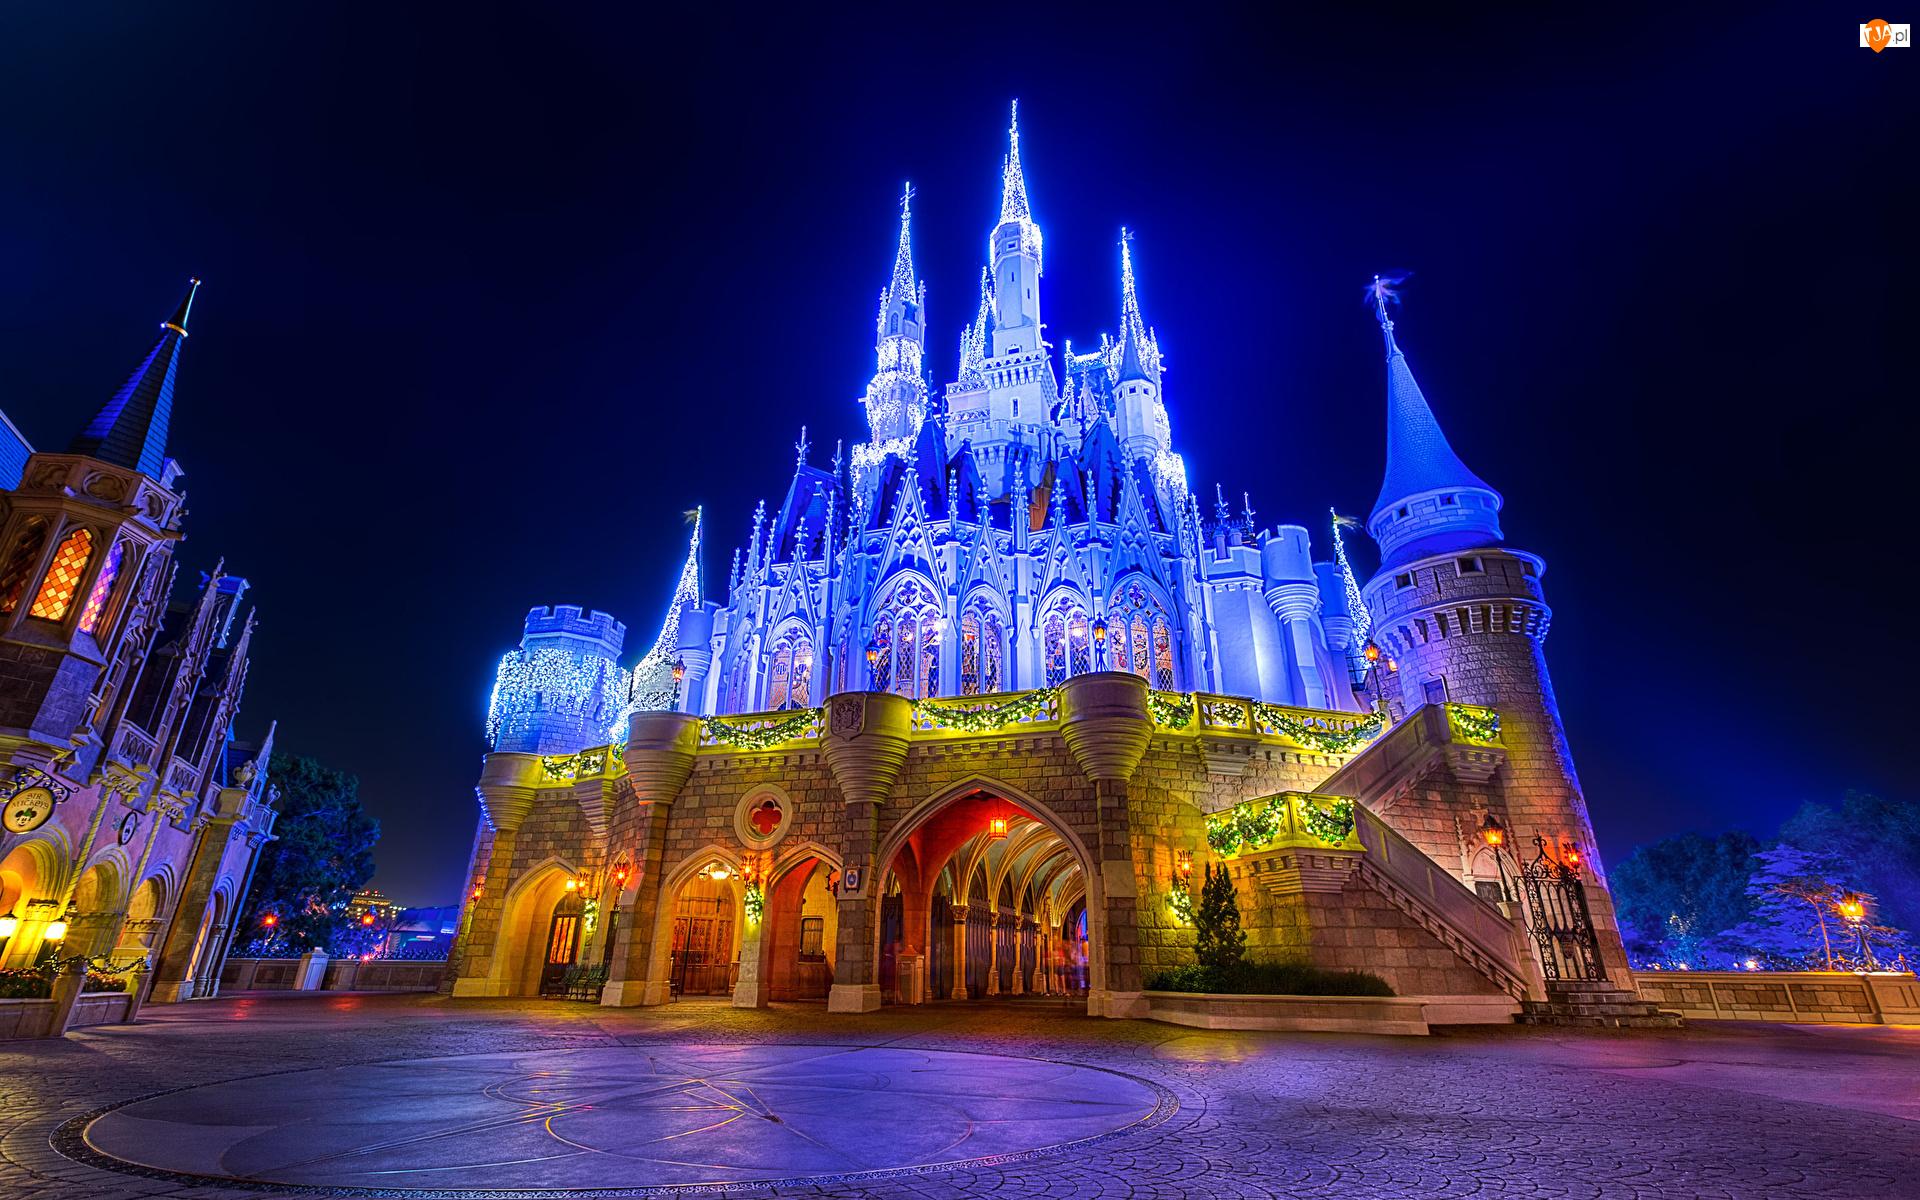 Zamek, Stan Floryda, Oświetlony, Zamek Kopciuszka, Disneyland, Miasto Bay Lake, Park rozrywki Walt Disney World, Stany Zjednoczone, Magic Kingdom